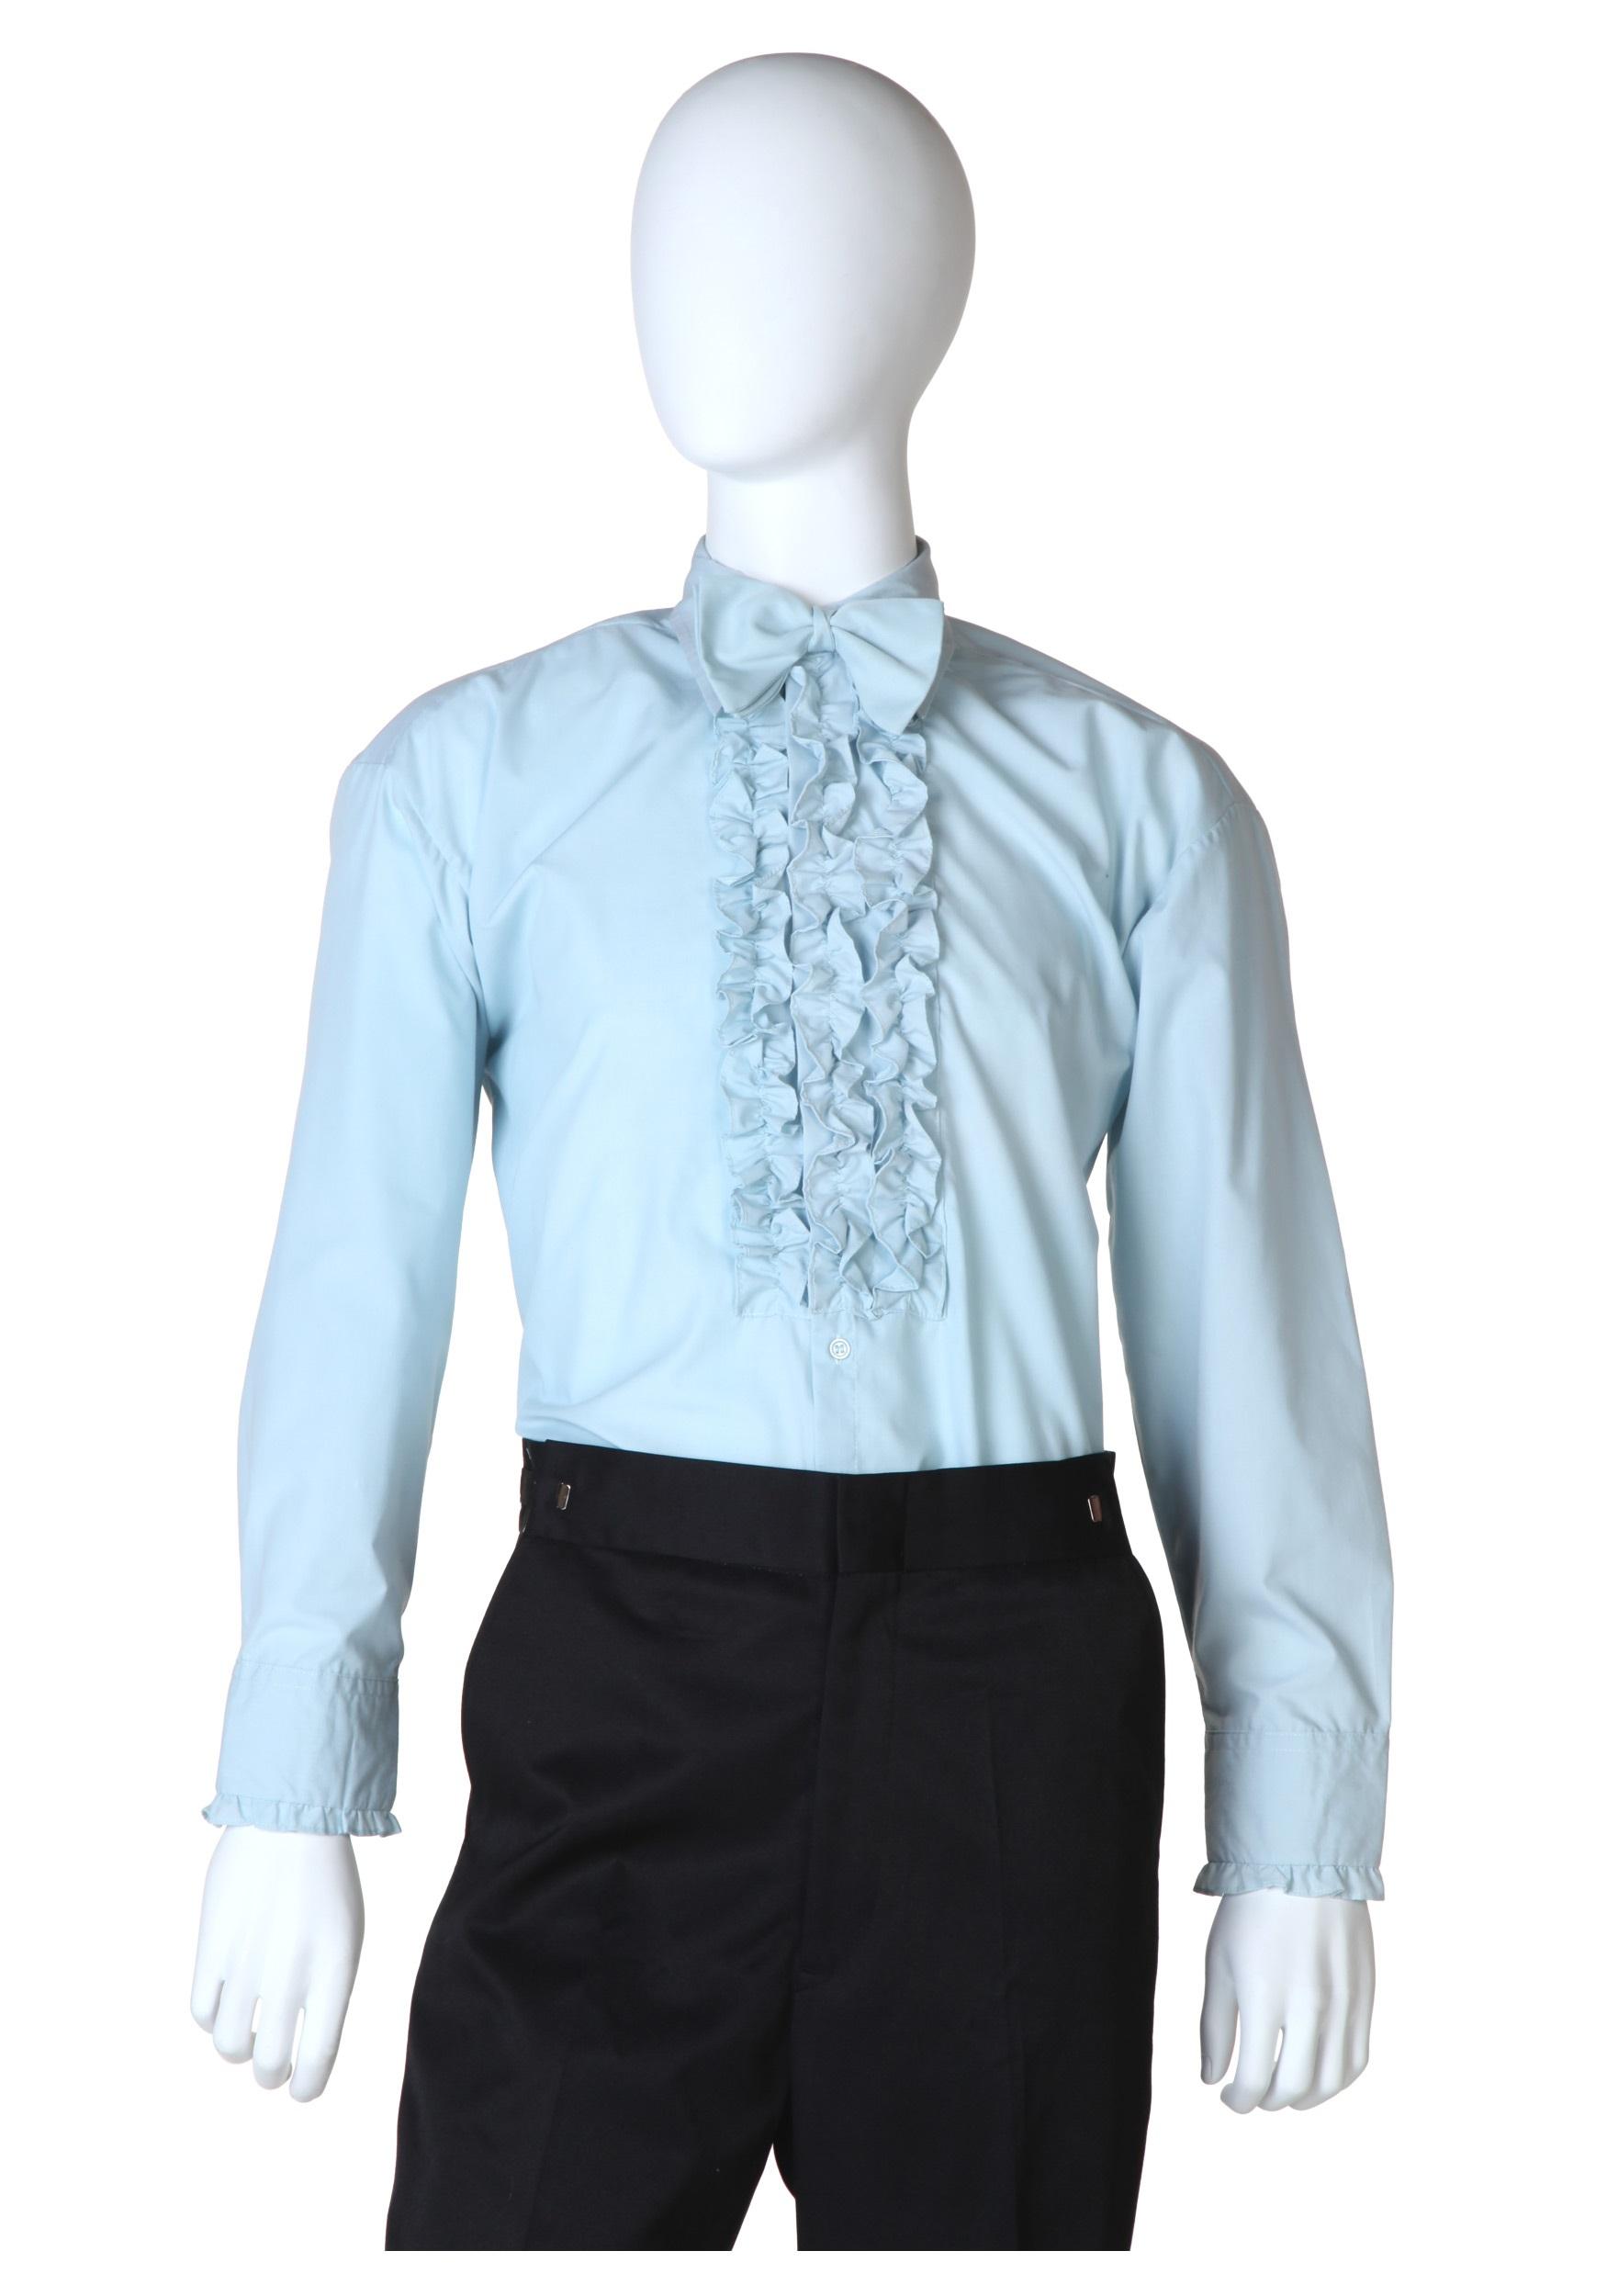 Ruffled Tuxedo Shirt uk Blue Ruffled Tuxedo Shirt